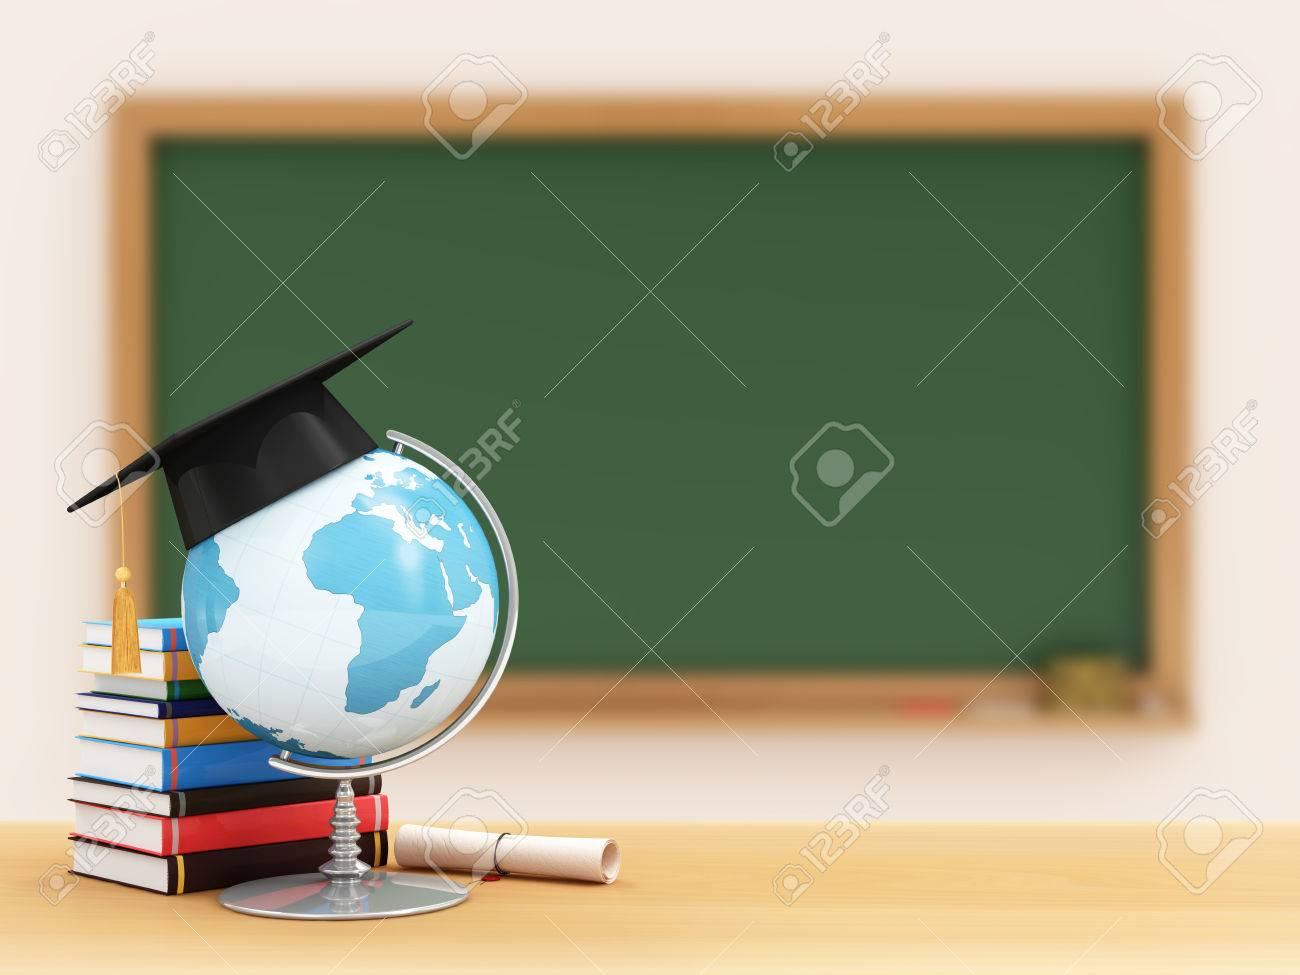 Bildung Konzept Schreibtisch Globus Mit Abschluss Kappe Diplom Und